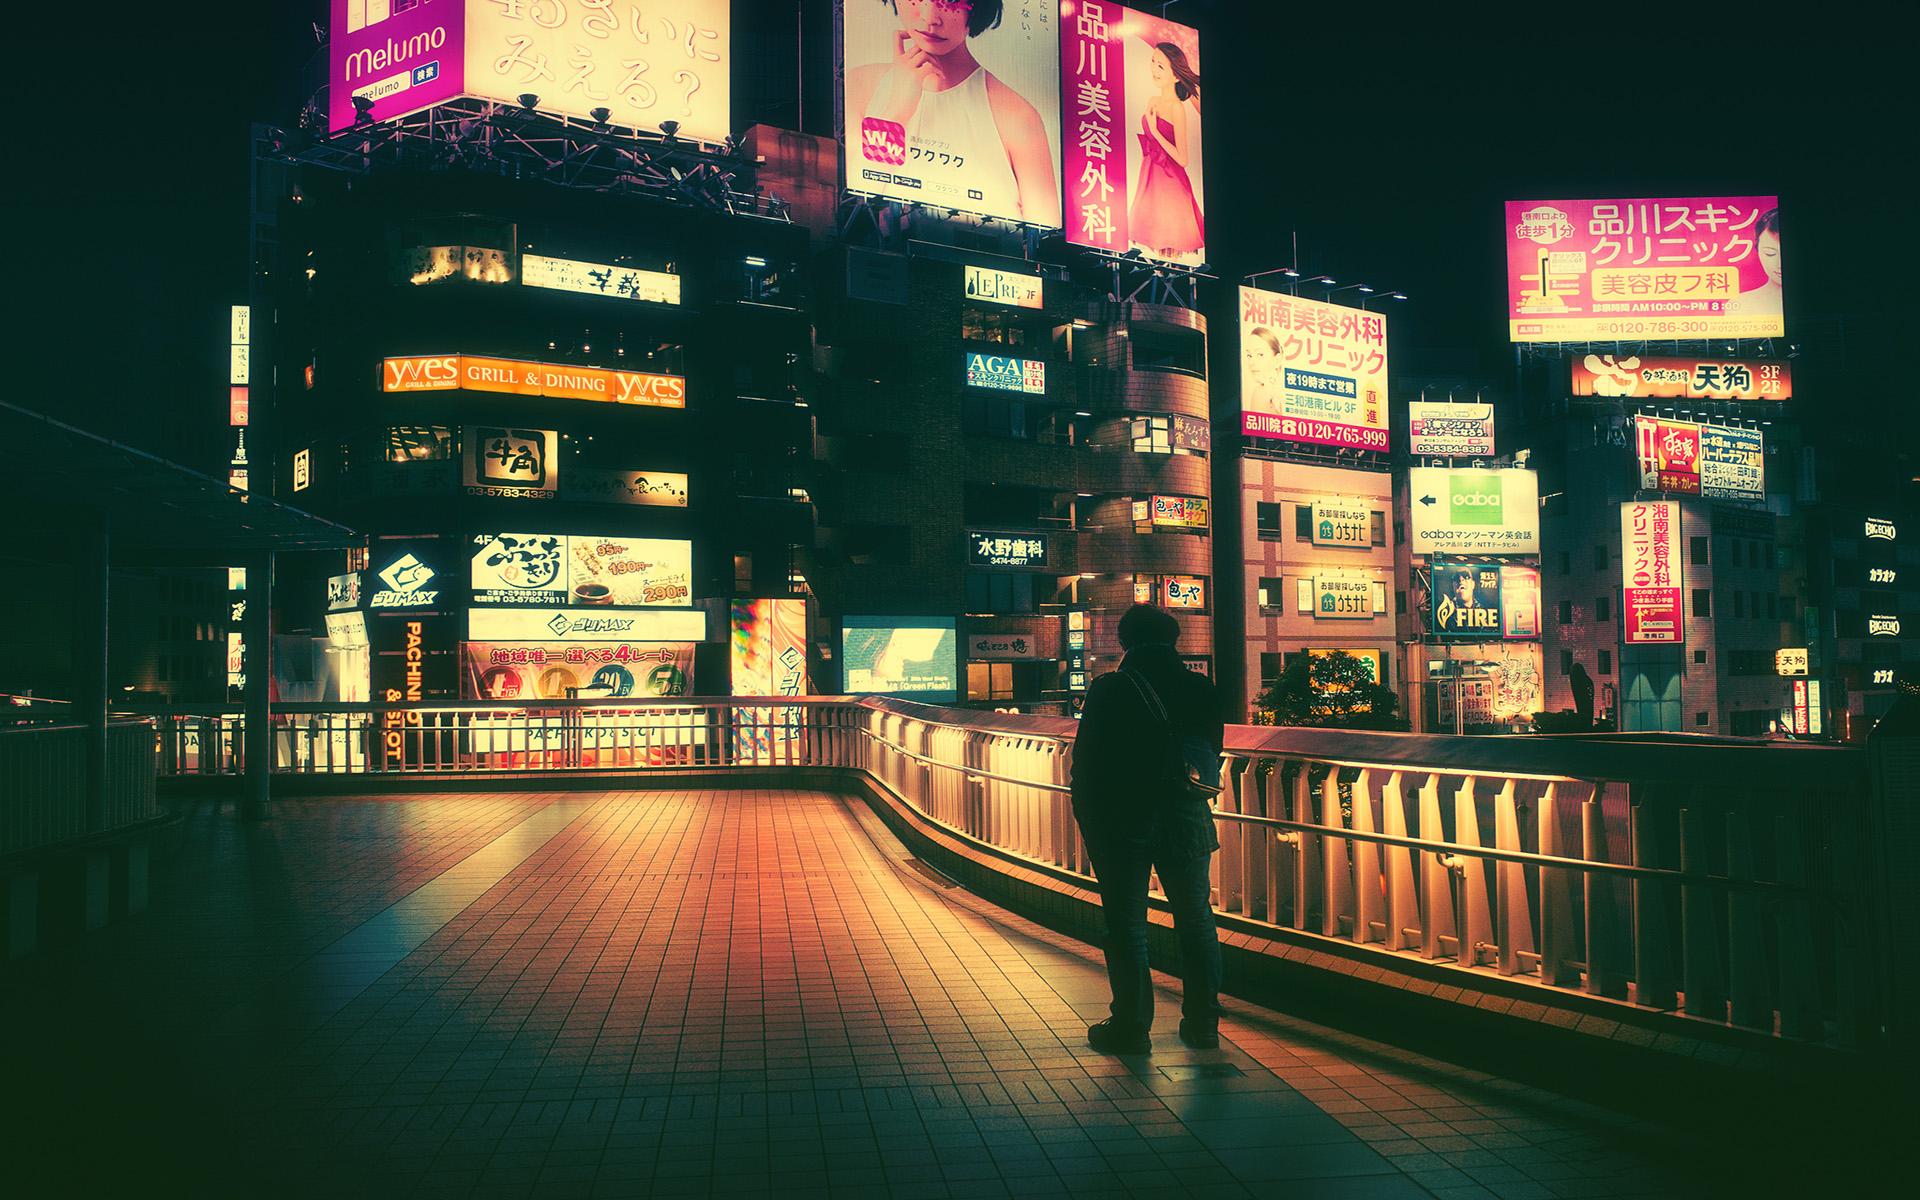 日本东京城市夜景图片最新全屏桌面壁纸